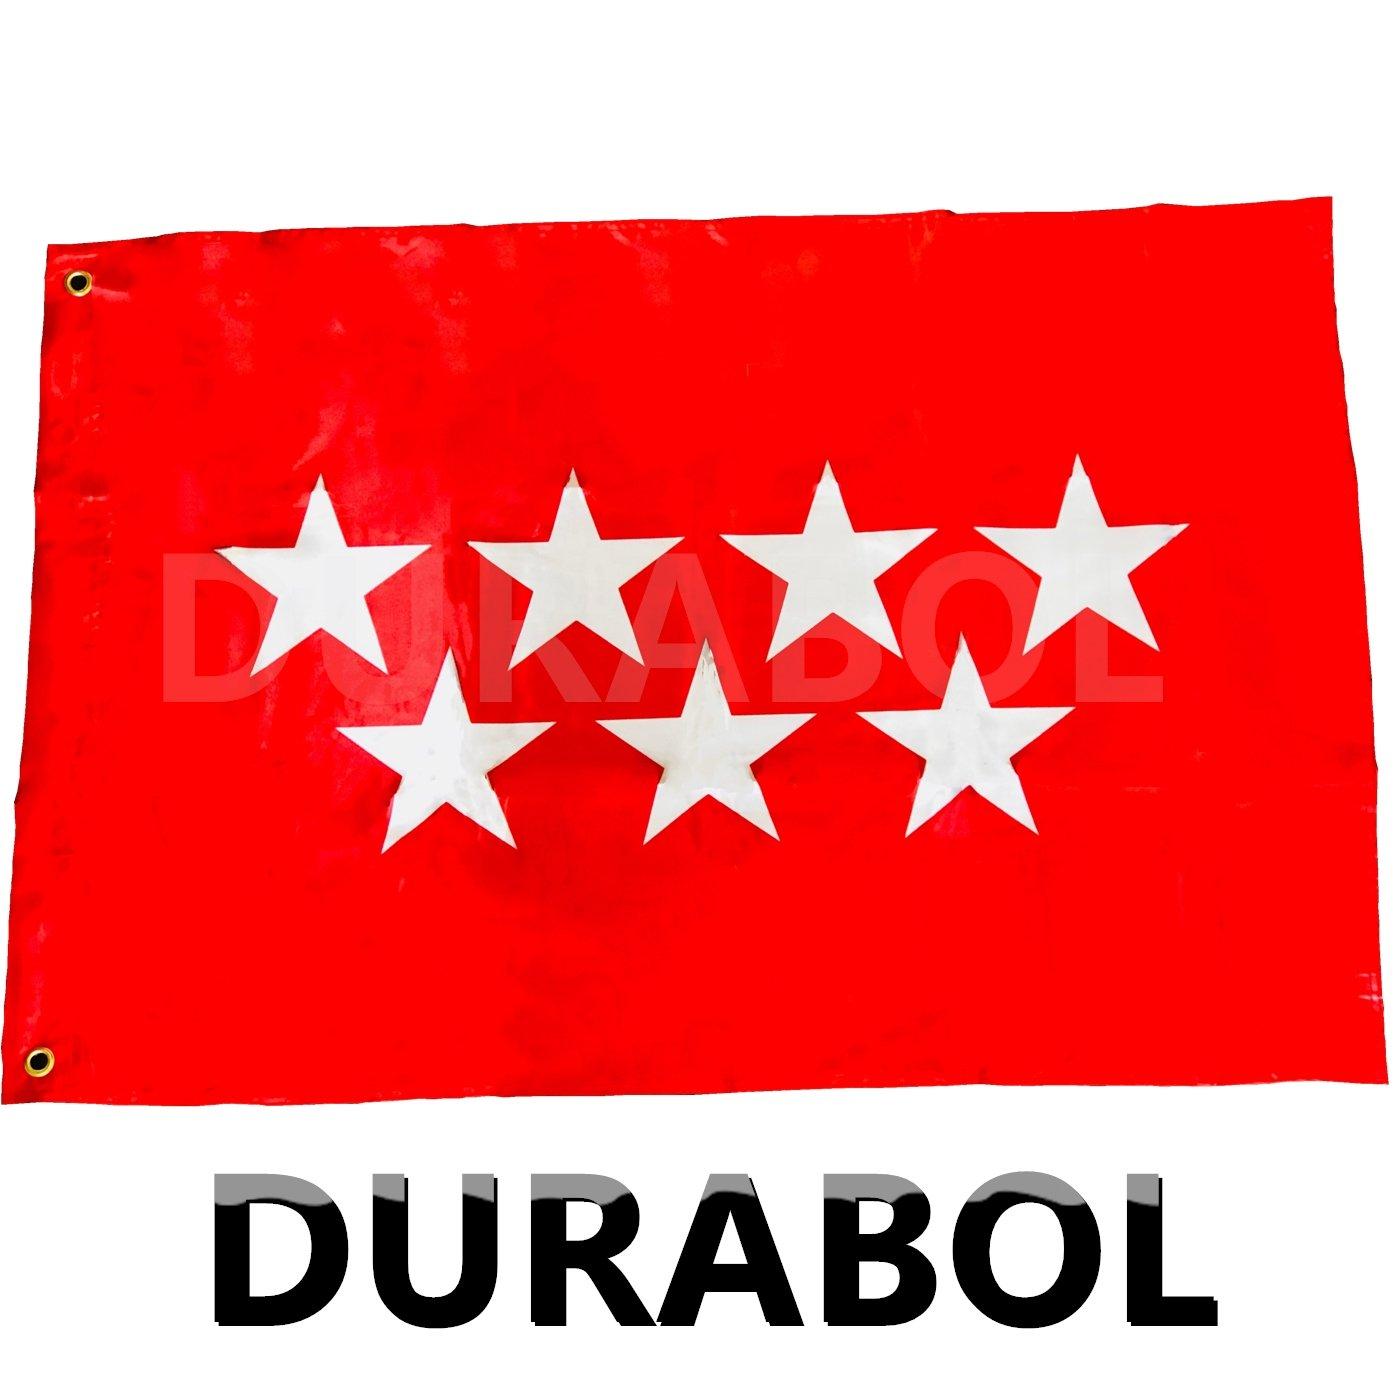 DURABOL Bandera de Madrid Comunidades autónomas de España 60*90 cm SATIN 2 anillas metálicas fijadas en el dobladillo (MADRID): Amazon.es: Jardín